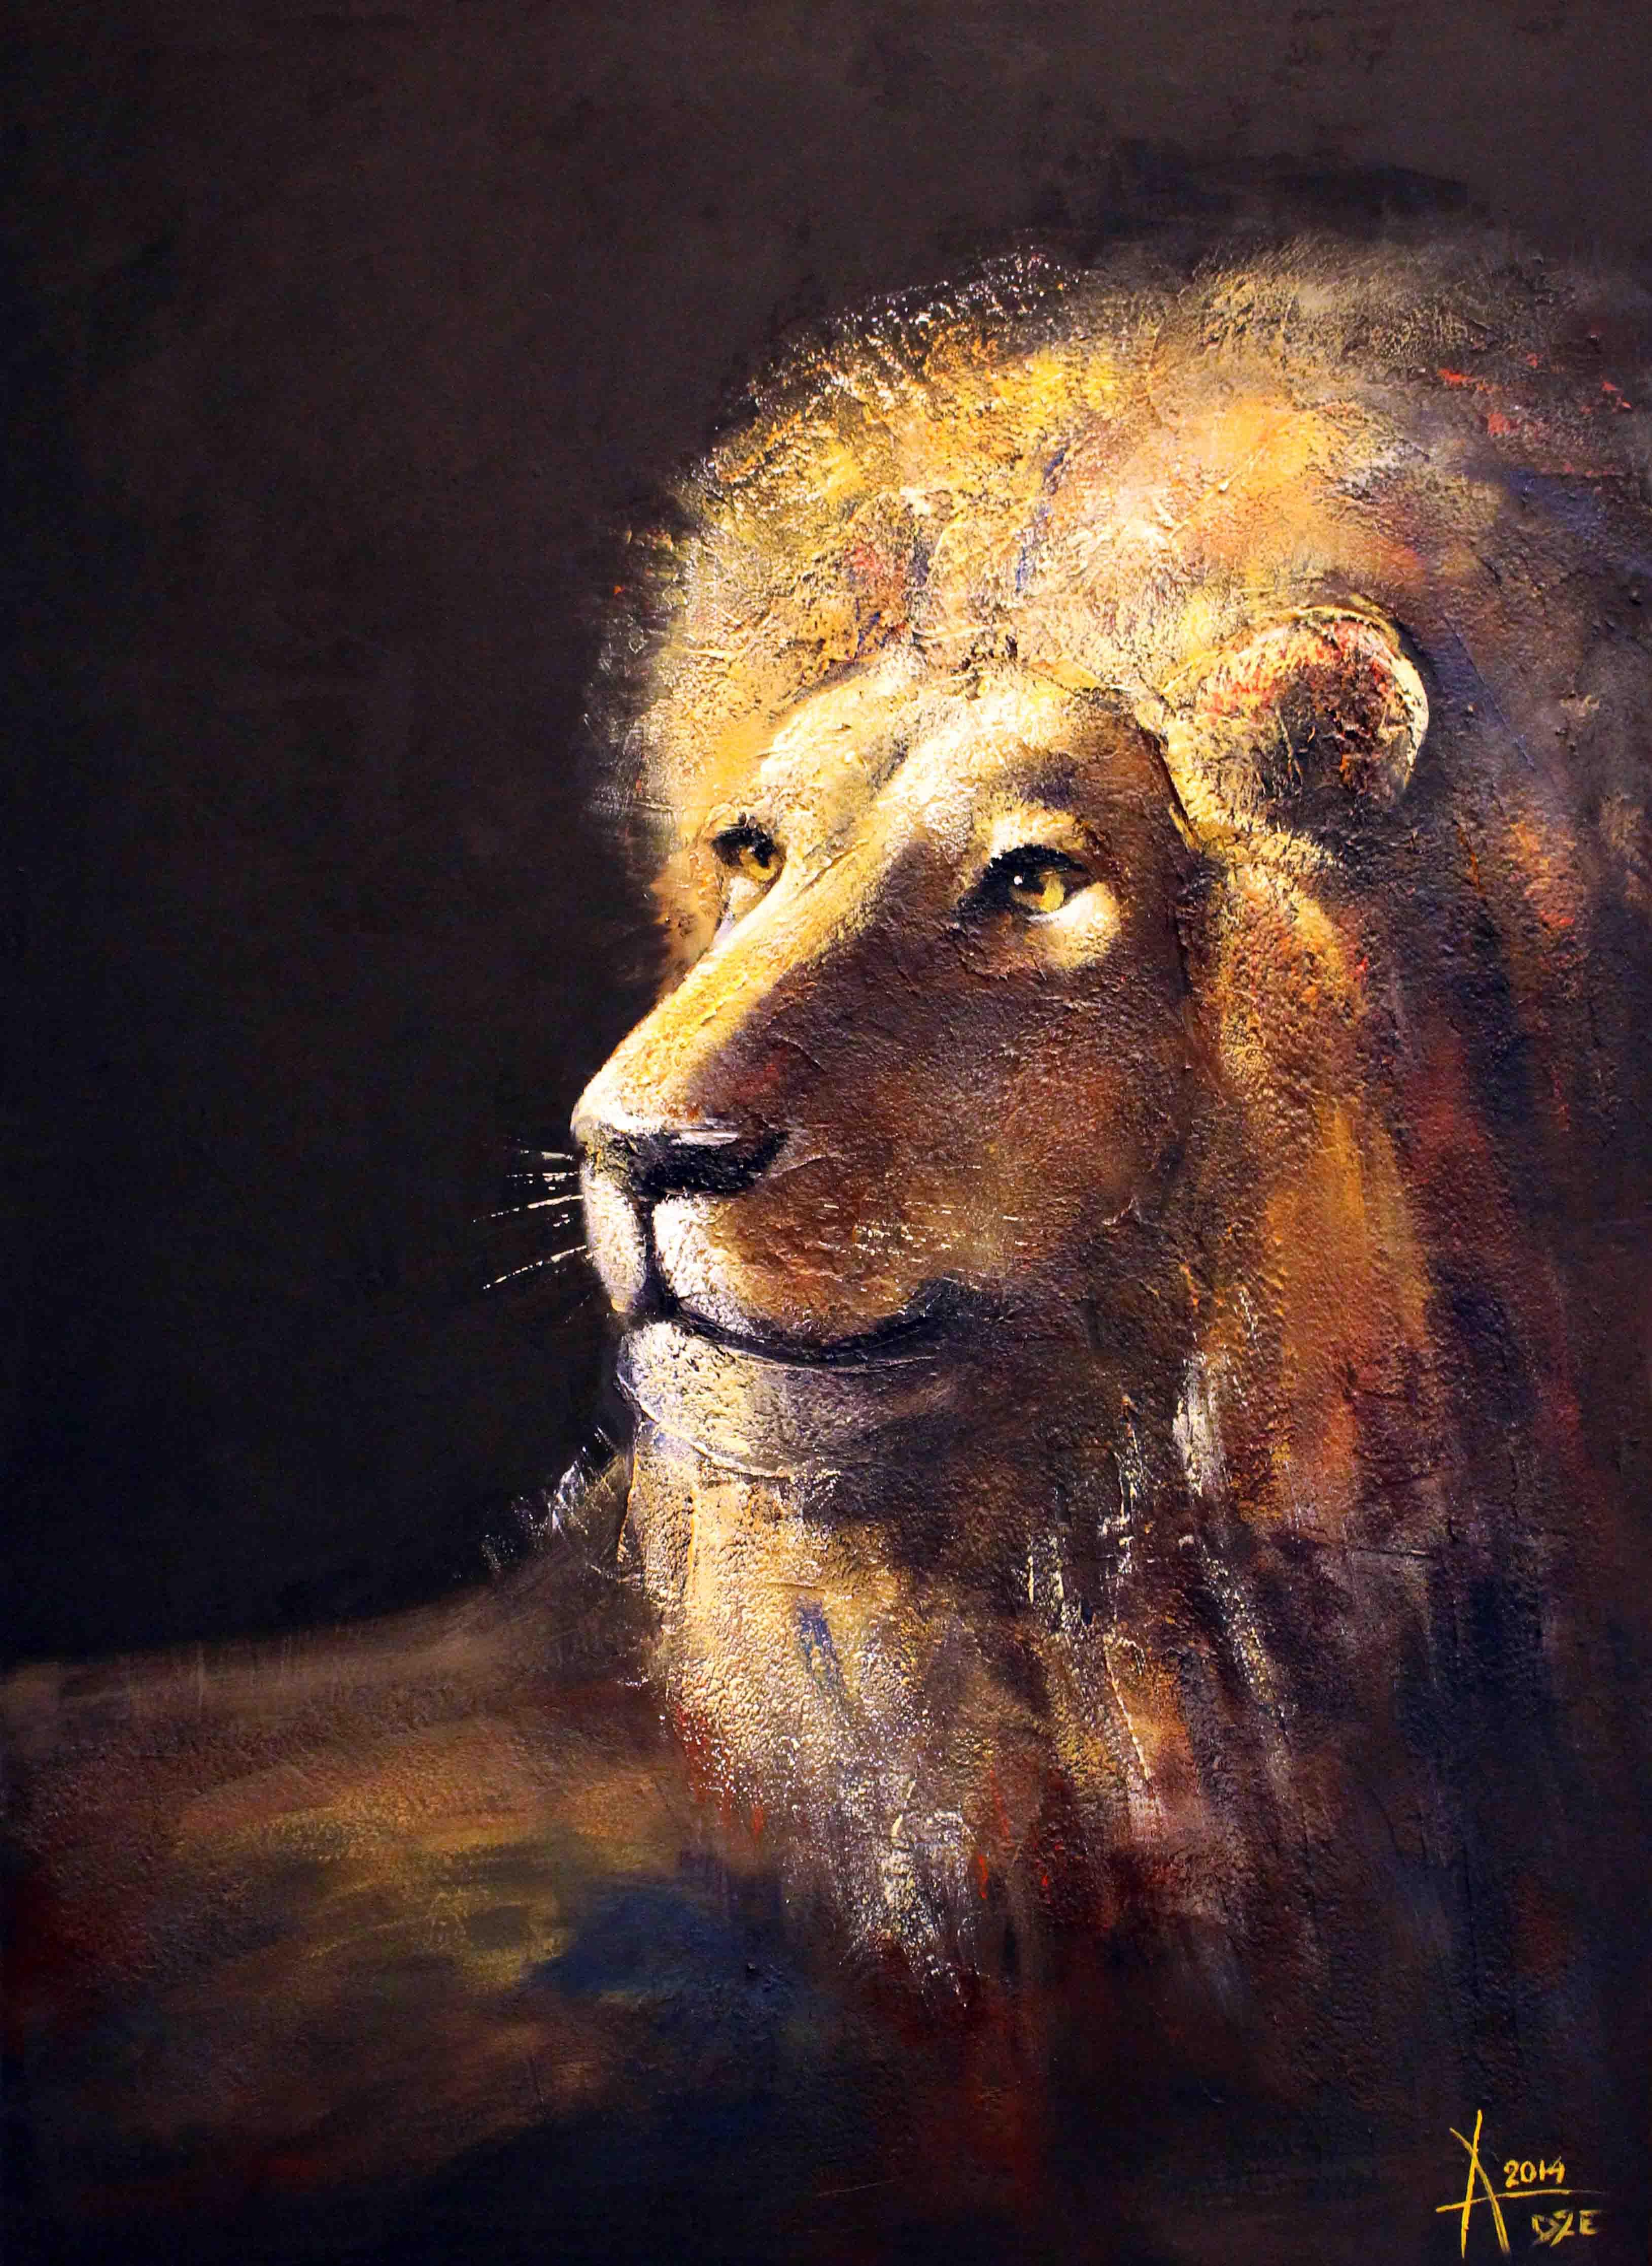 2014_Lion_1a